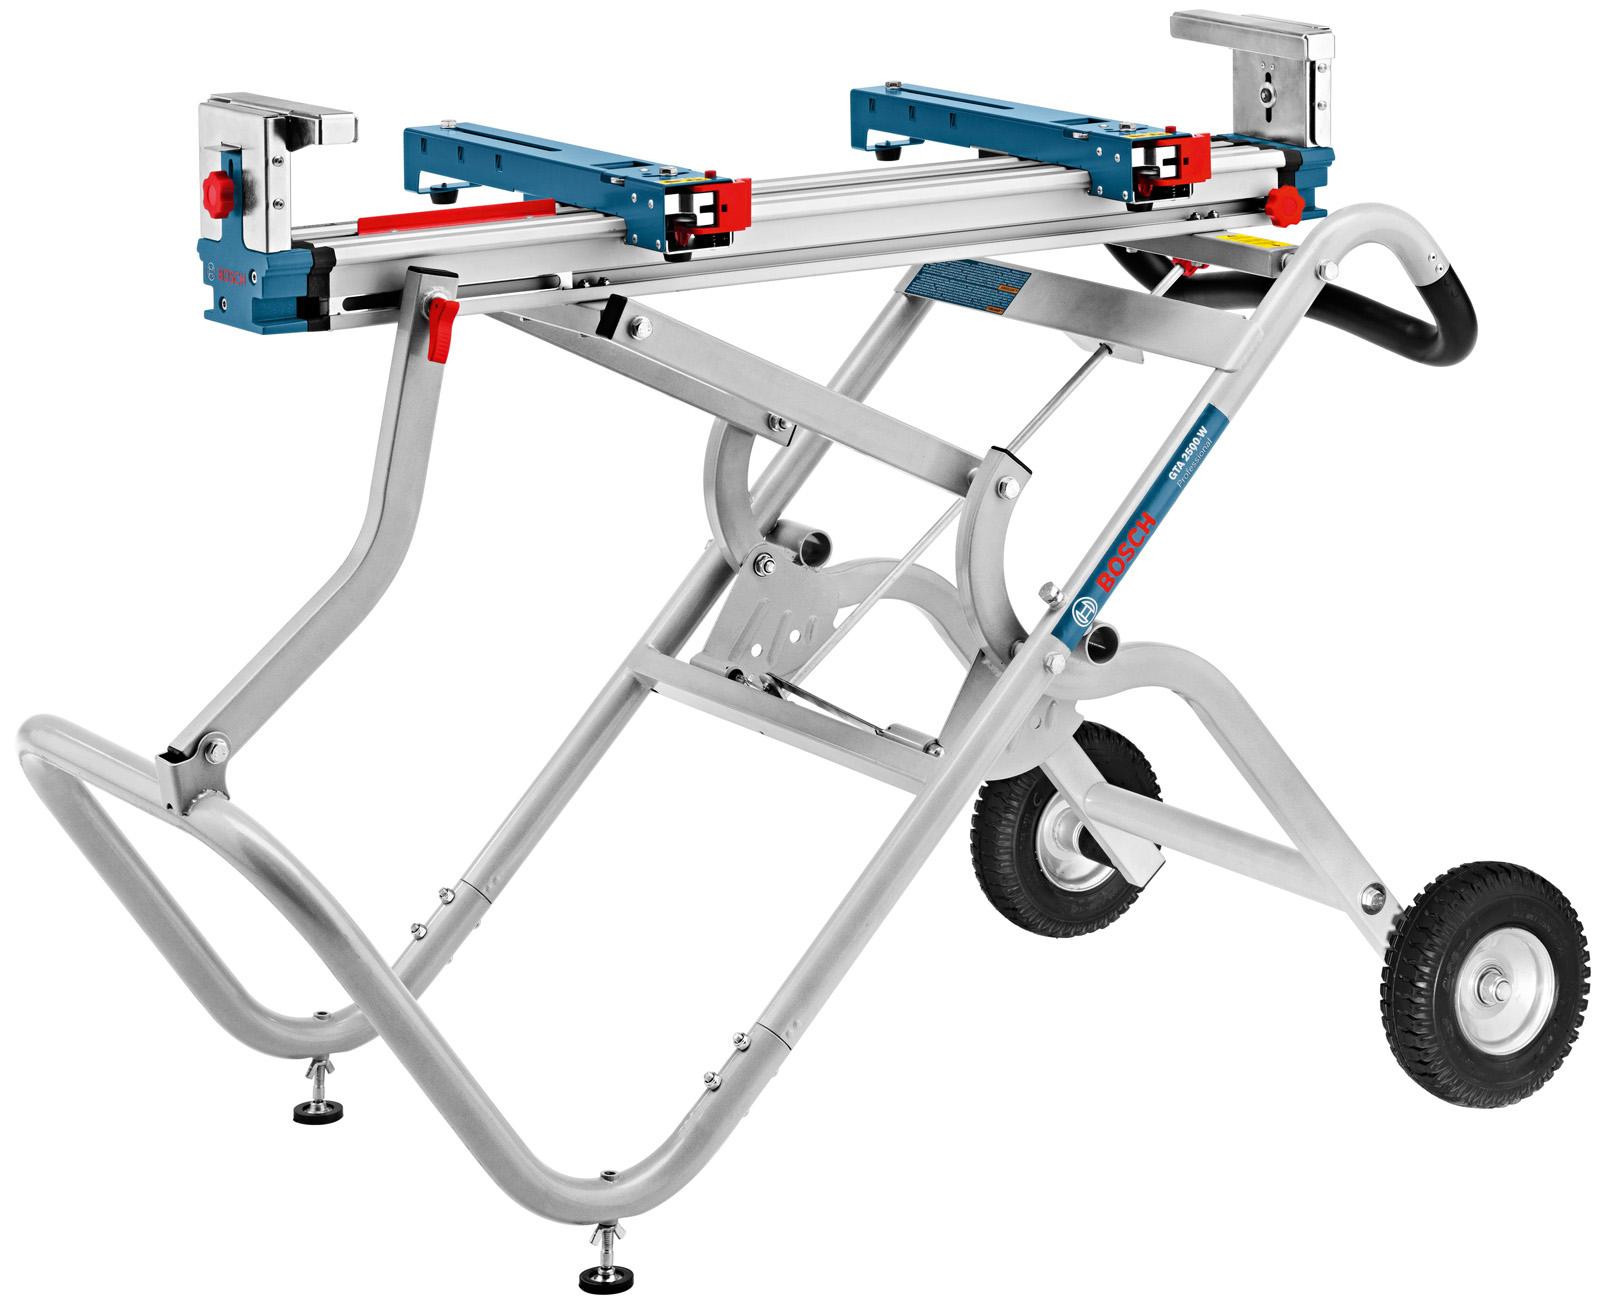 Стол для торцовочной пилы складной, передвижной Bosch Gta 2500 w  (0.601.b12.100)